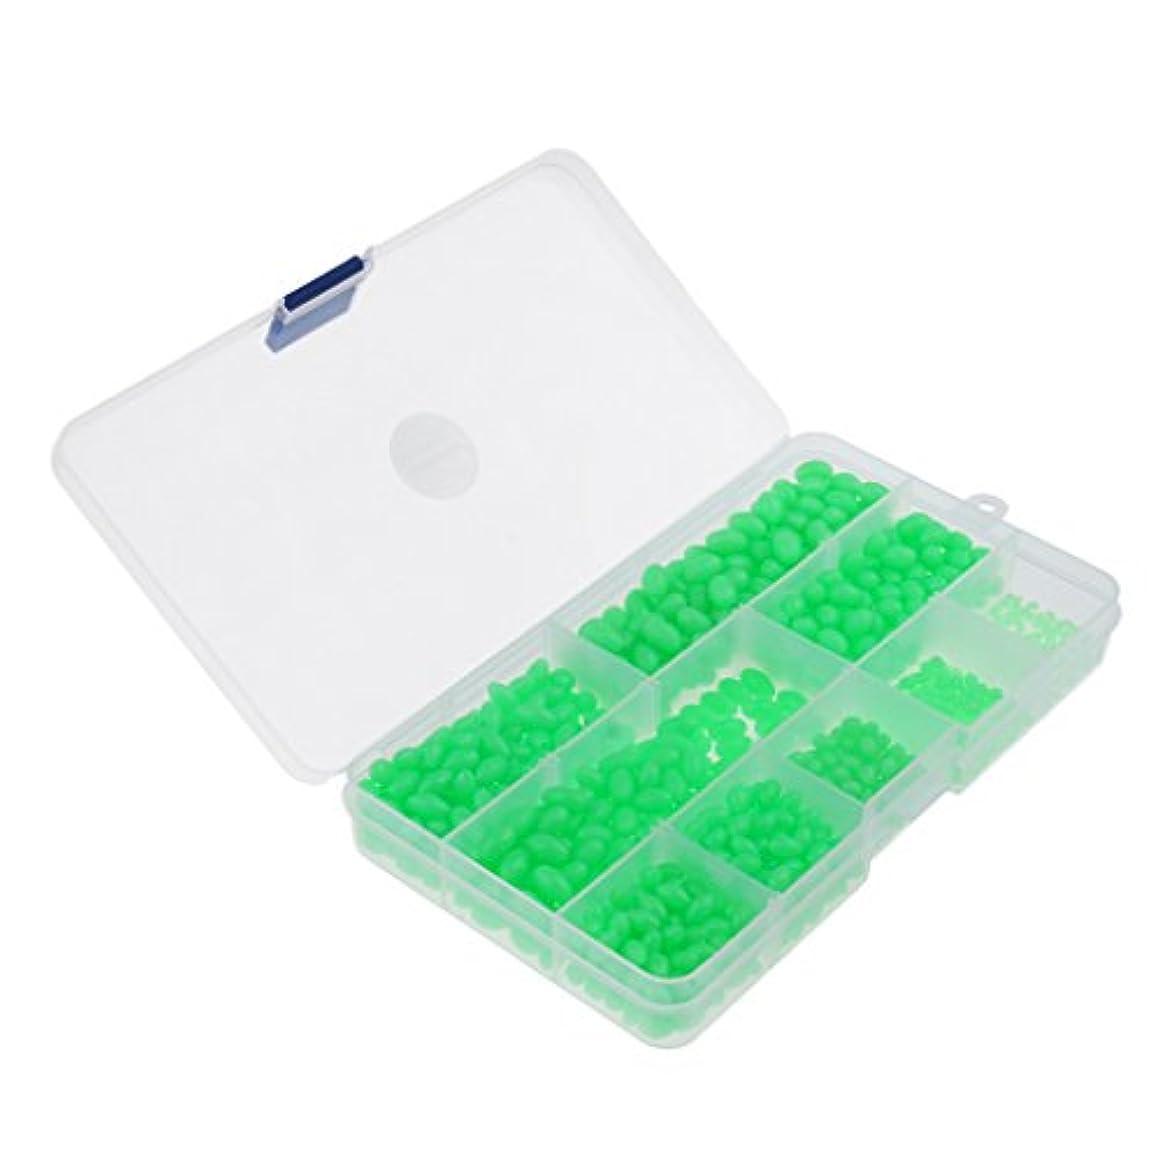 幻想的煙違反DYNWAVE ソフトビーズ 楕円形 グリーン 9サイズ マルチサイズ タックルボックス